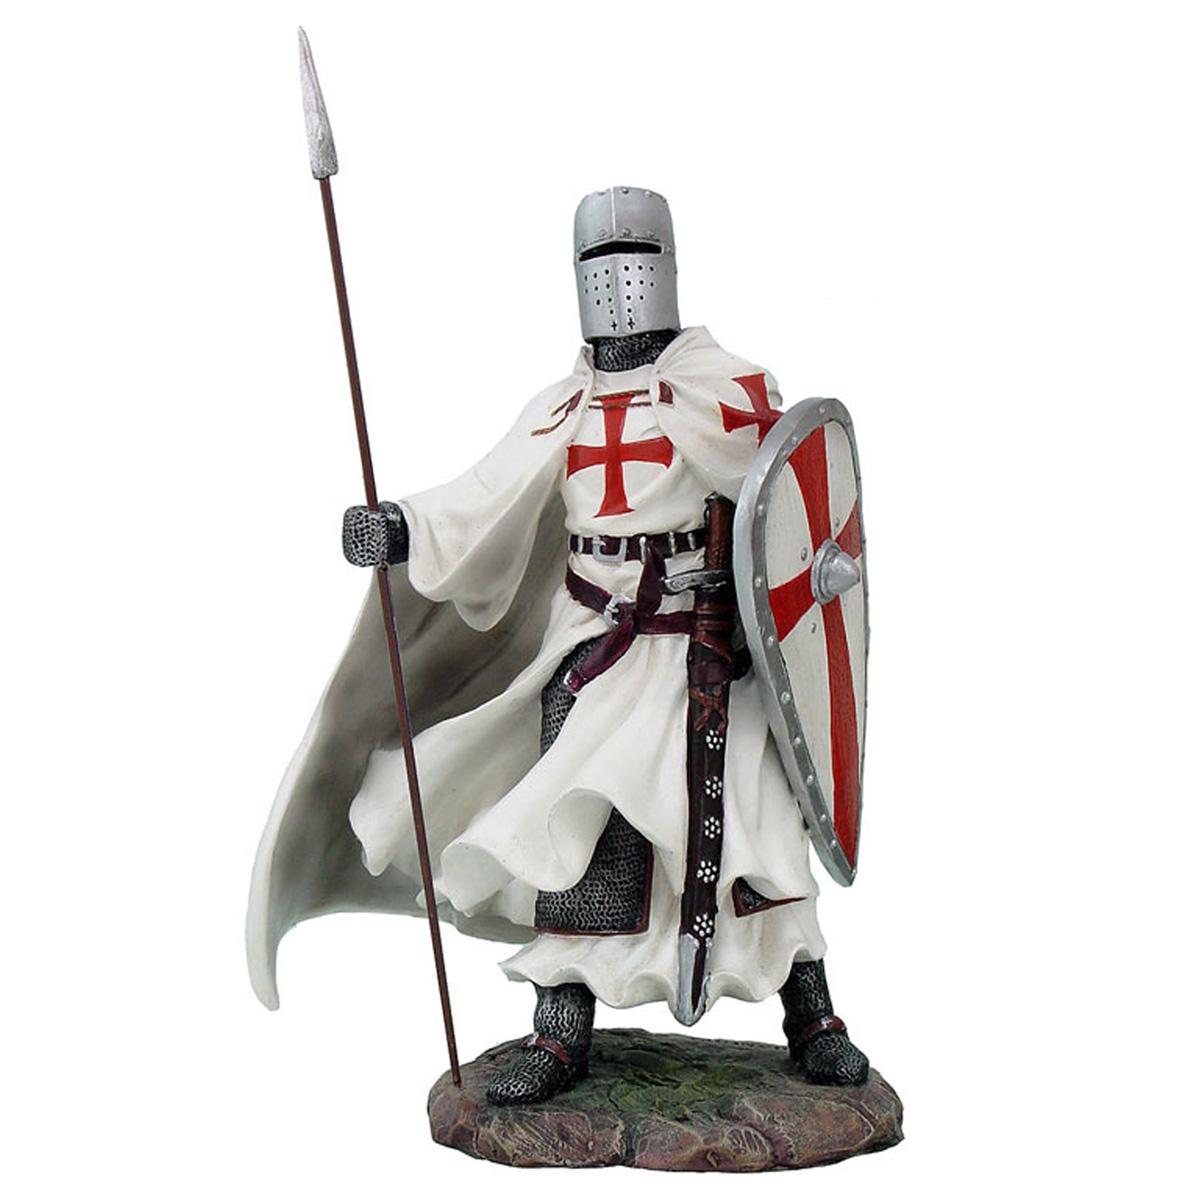 Figurine \'Chevalier de l\'ordre du Temple XIIème siècle\' blanc rouge - 20 cm - [R1454]